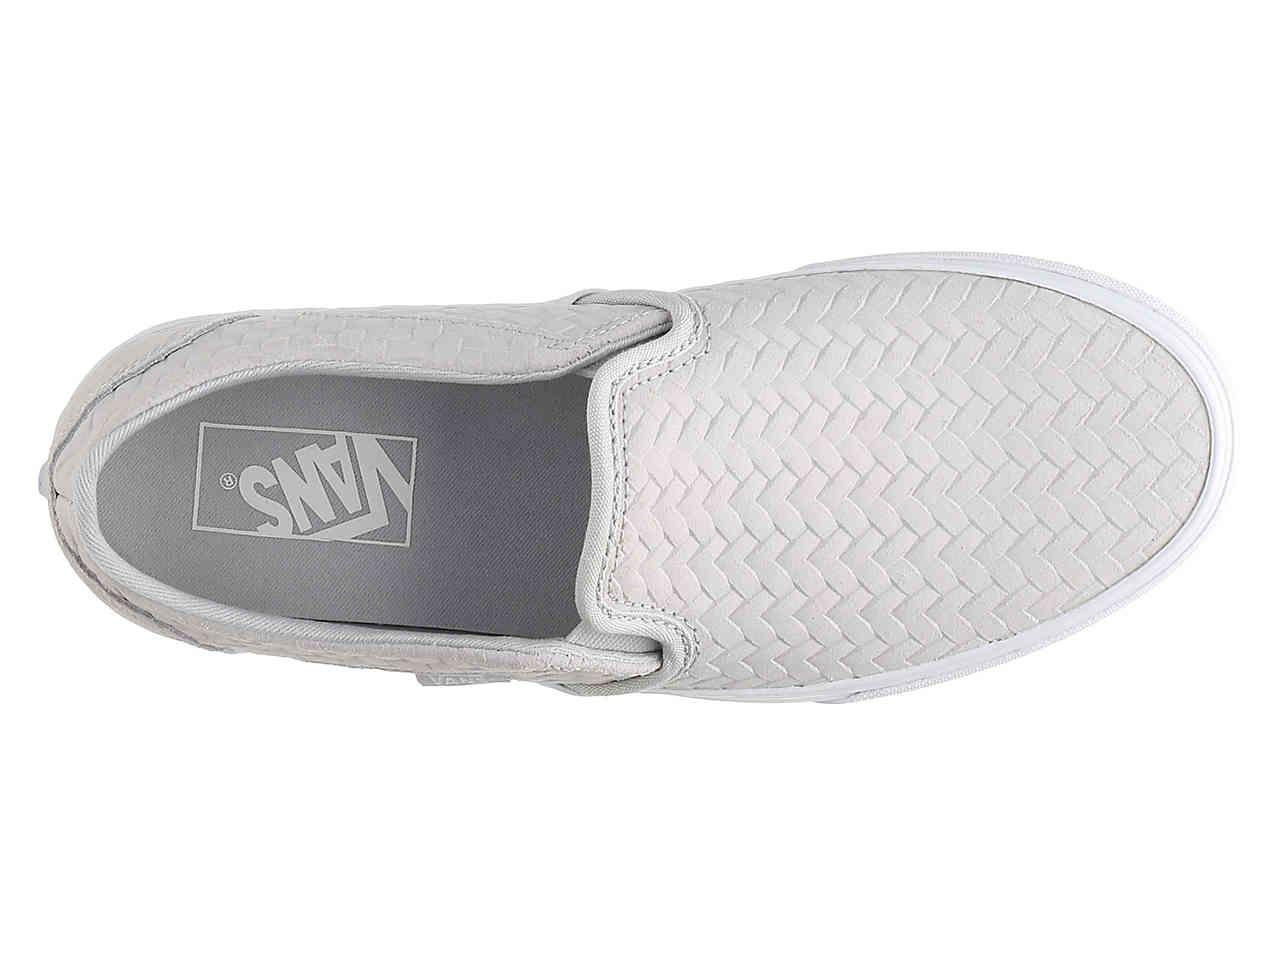 aa04a6bb1fa7 Vans Asher Weave Slip-On Sneaker - Women s Women s Shoes